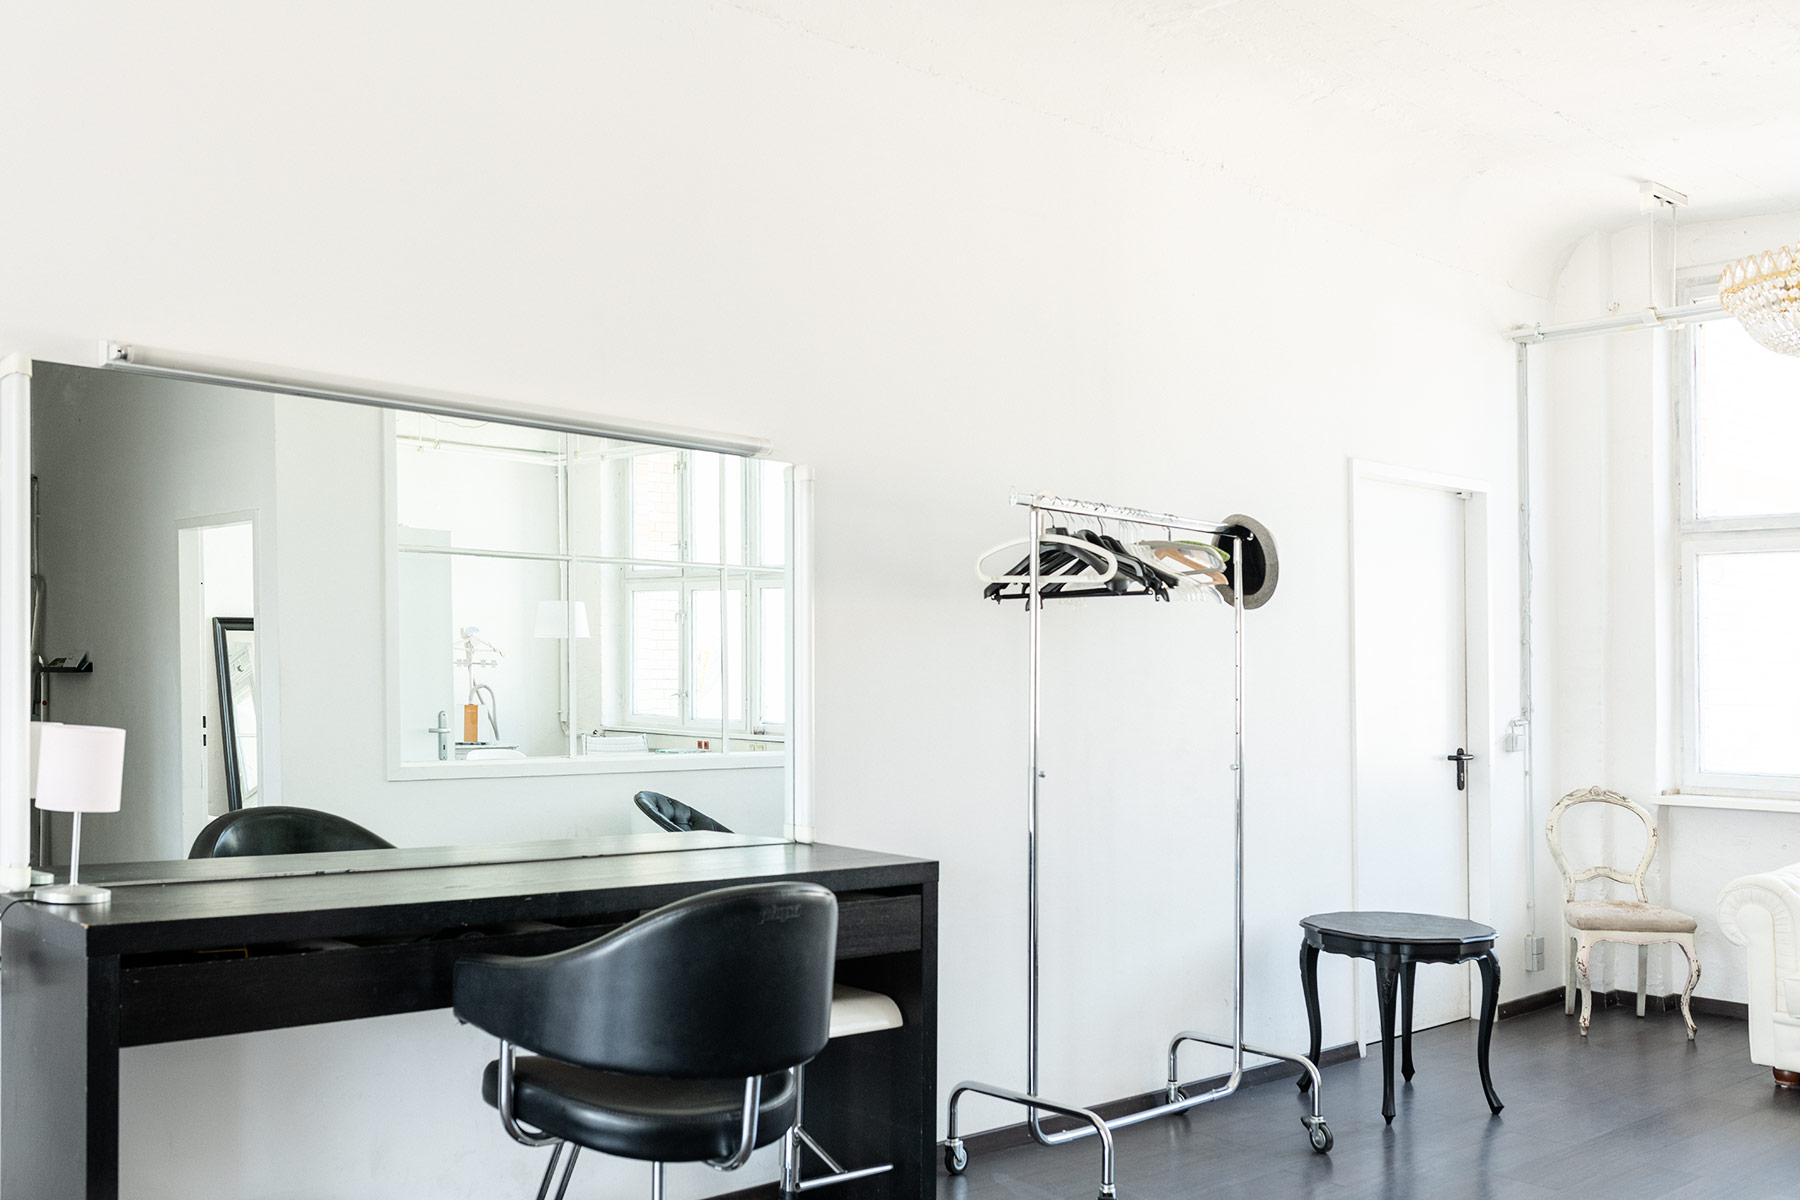 Mietstudio Berlin Friedrichshain, Fotostudio mieten, rent studio